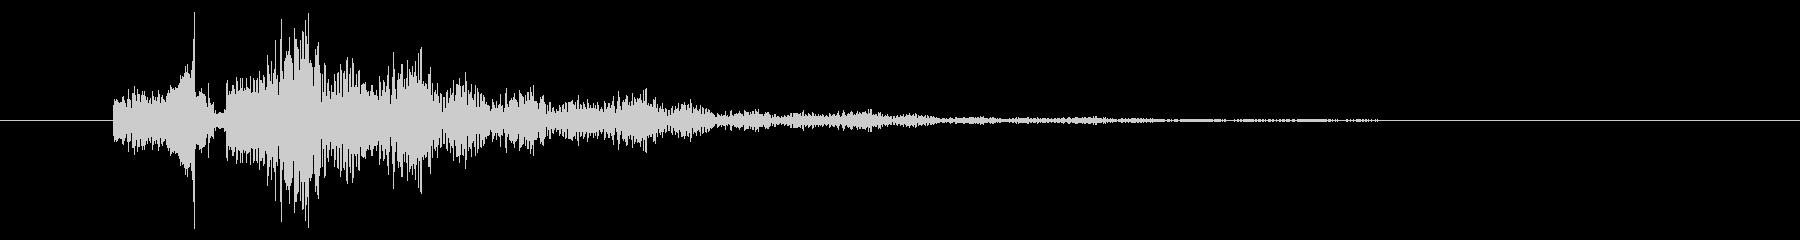 ピュアーン (企業ロゴ・残響)の未再生の波形